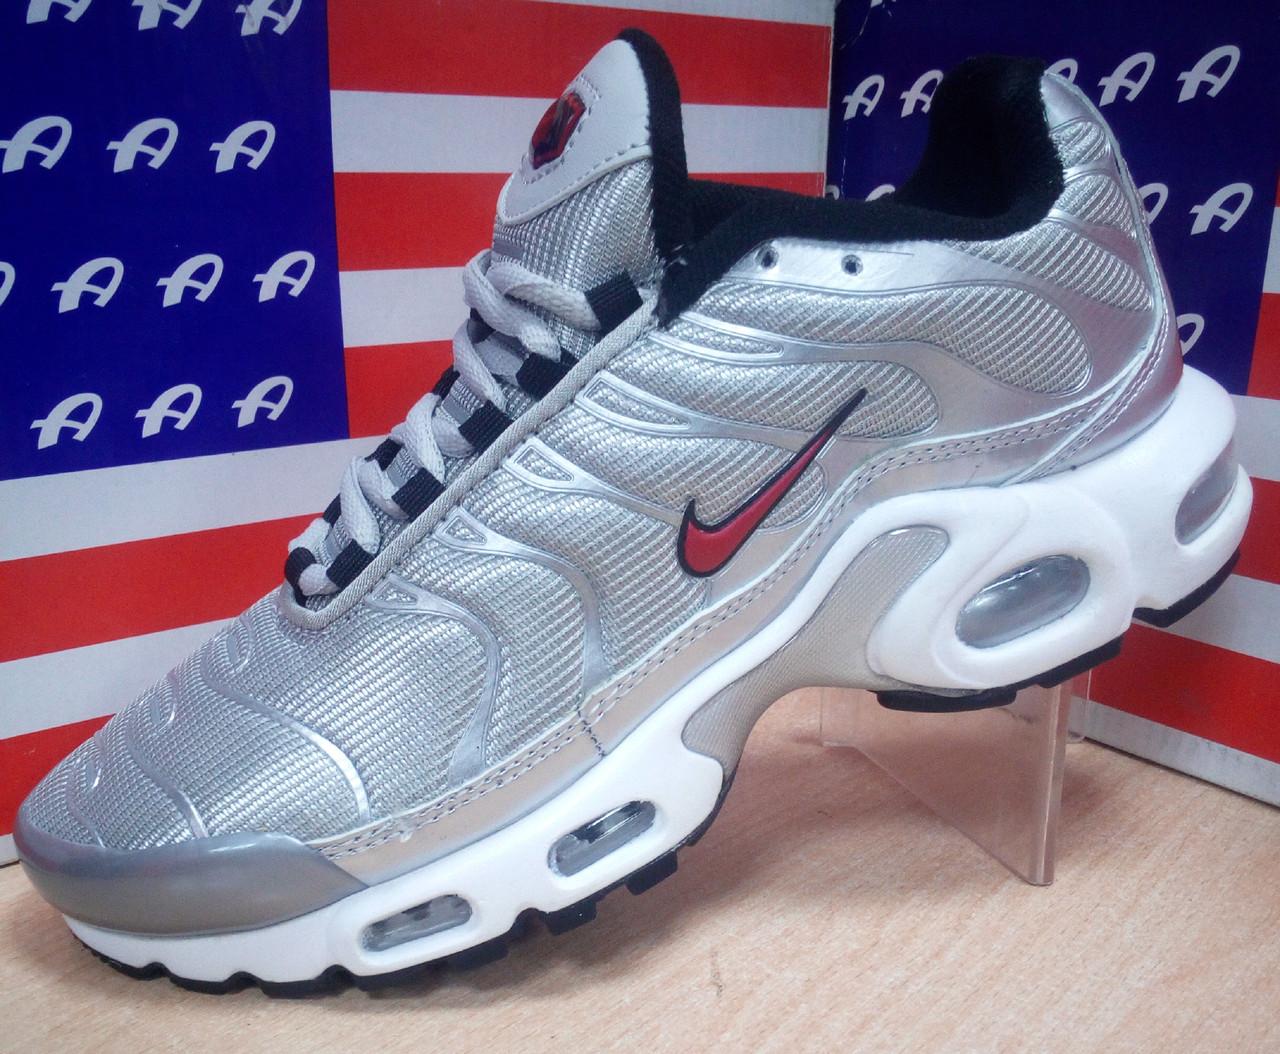 6f67a610 Женские кроссовки Найк Аир Макс Тн Плюс/ Nike Air Max Tn Plus - Про100Спорт  в